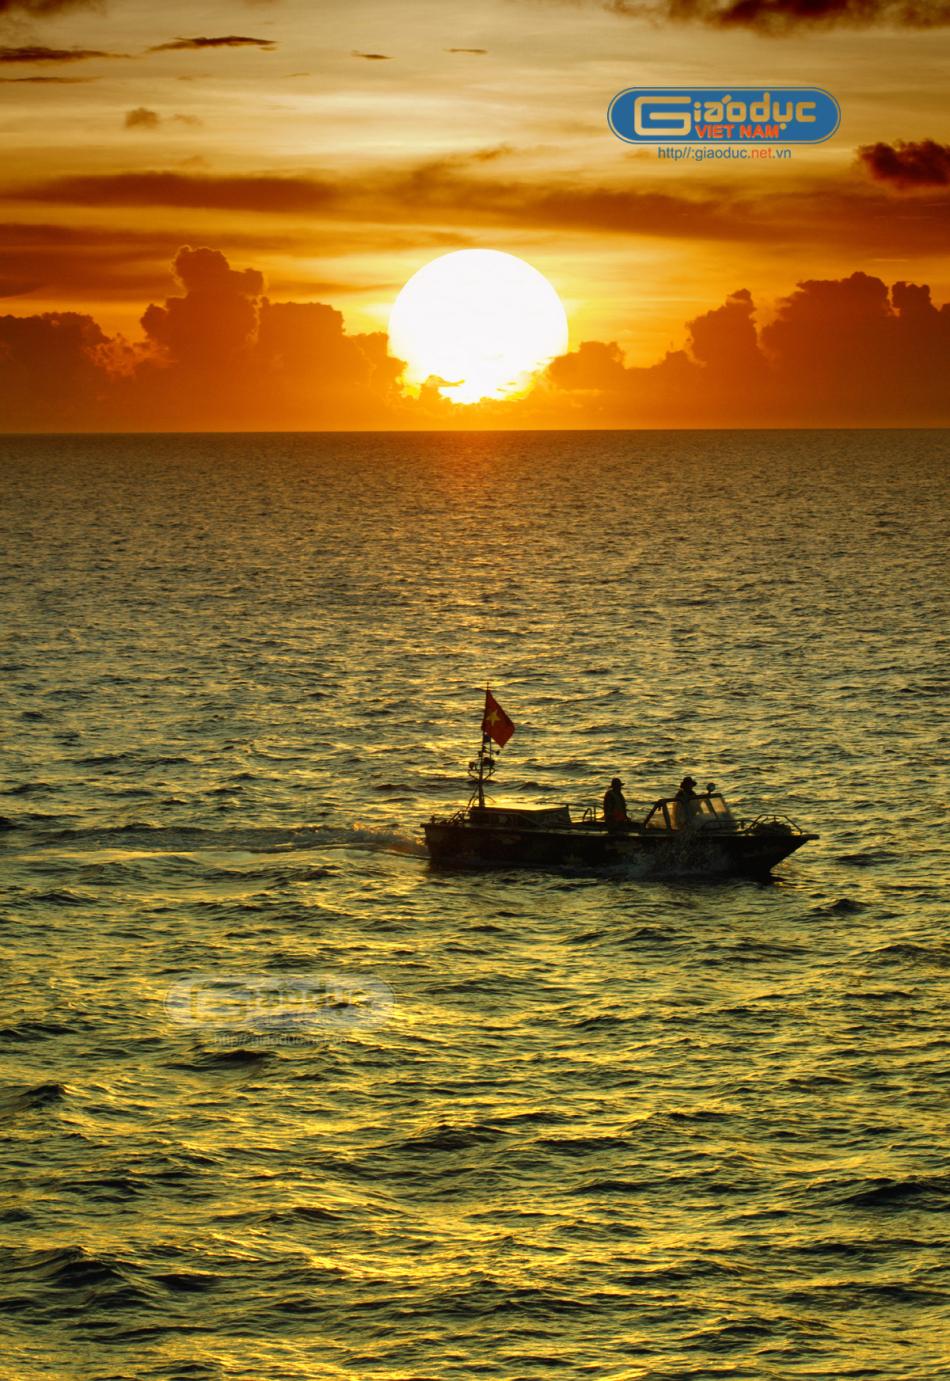 越南侵占我南海岛礁并建设驻军岛礁越南侵占驻军南海